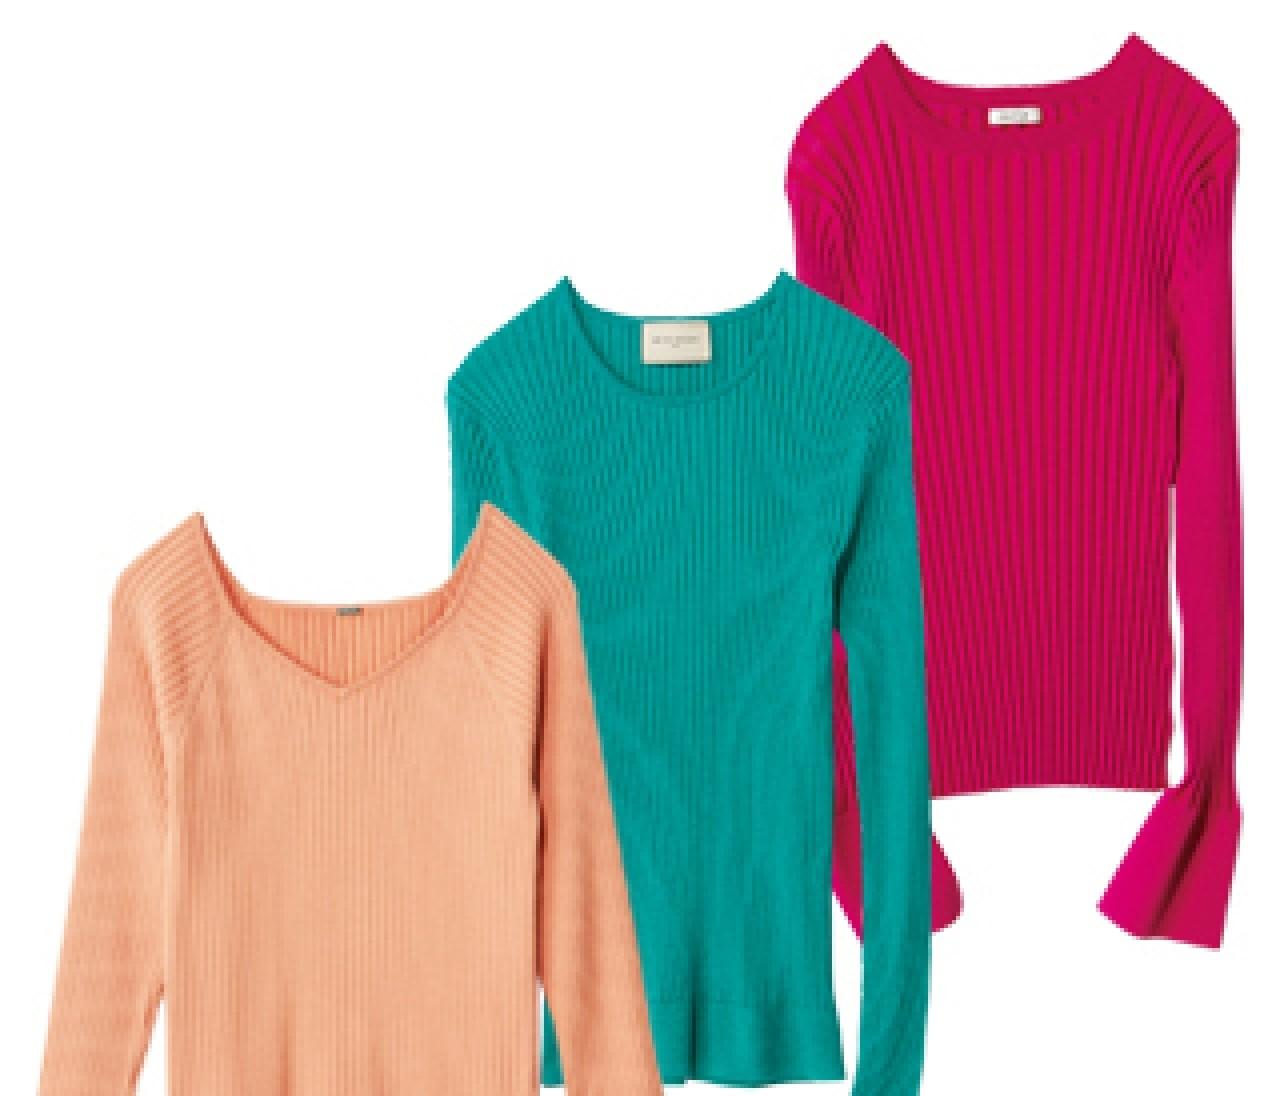 明るい春カラーではつらつとした印象に【きれい色リブニット】4選